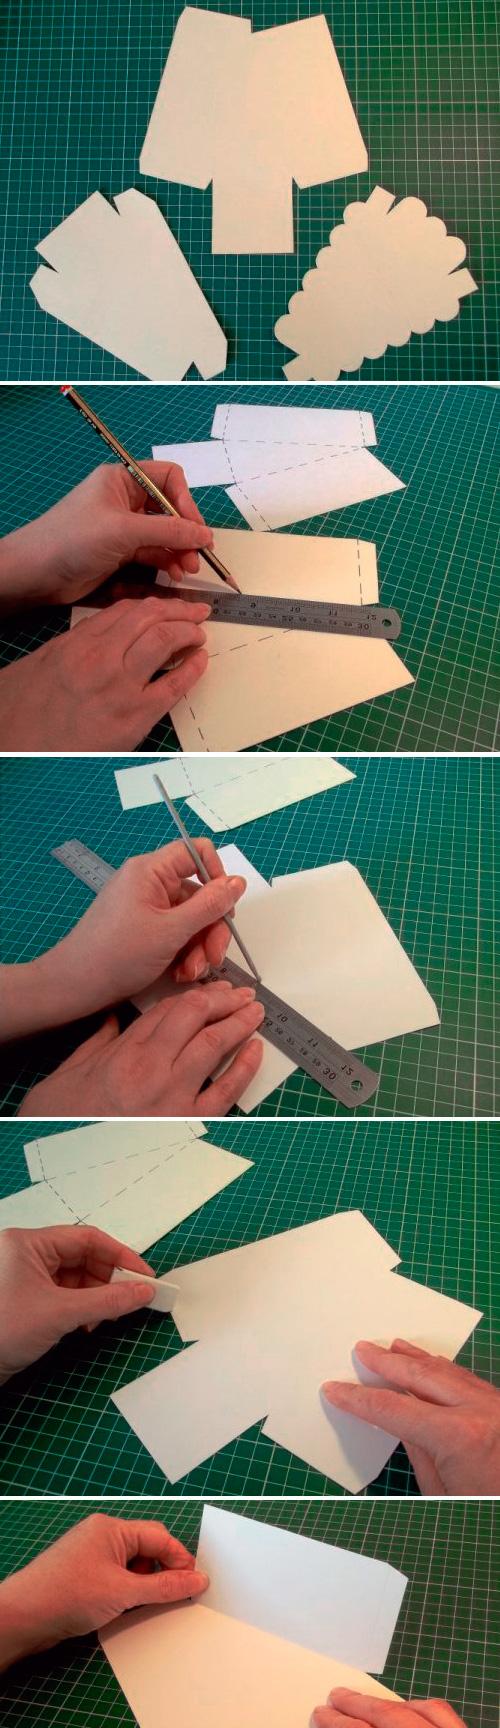 Переносим контуры шаблонов на бумагу и вырезаем заготовки